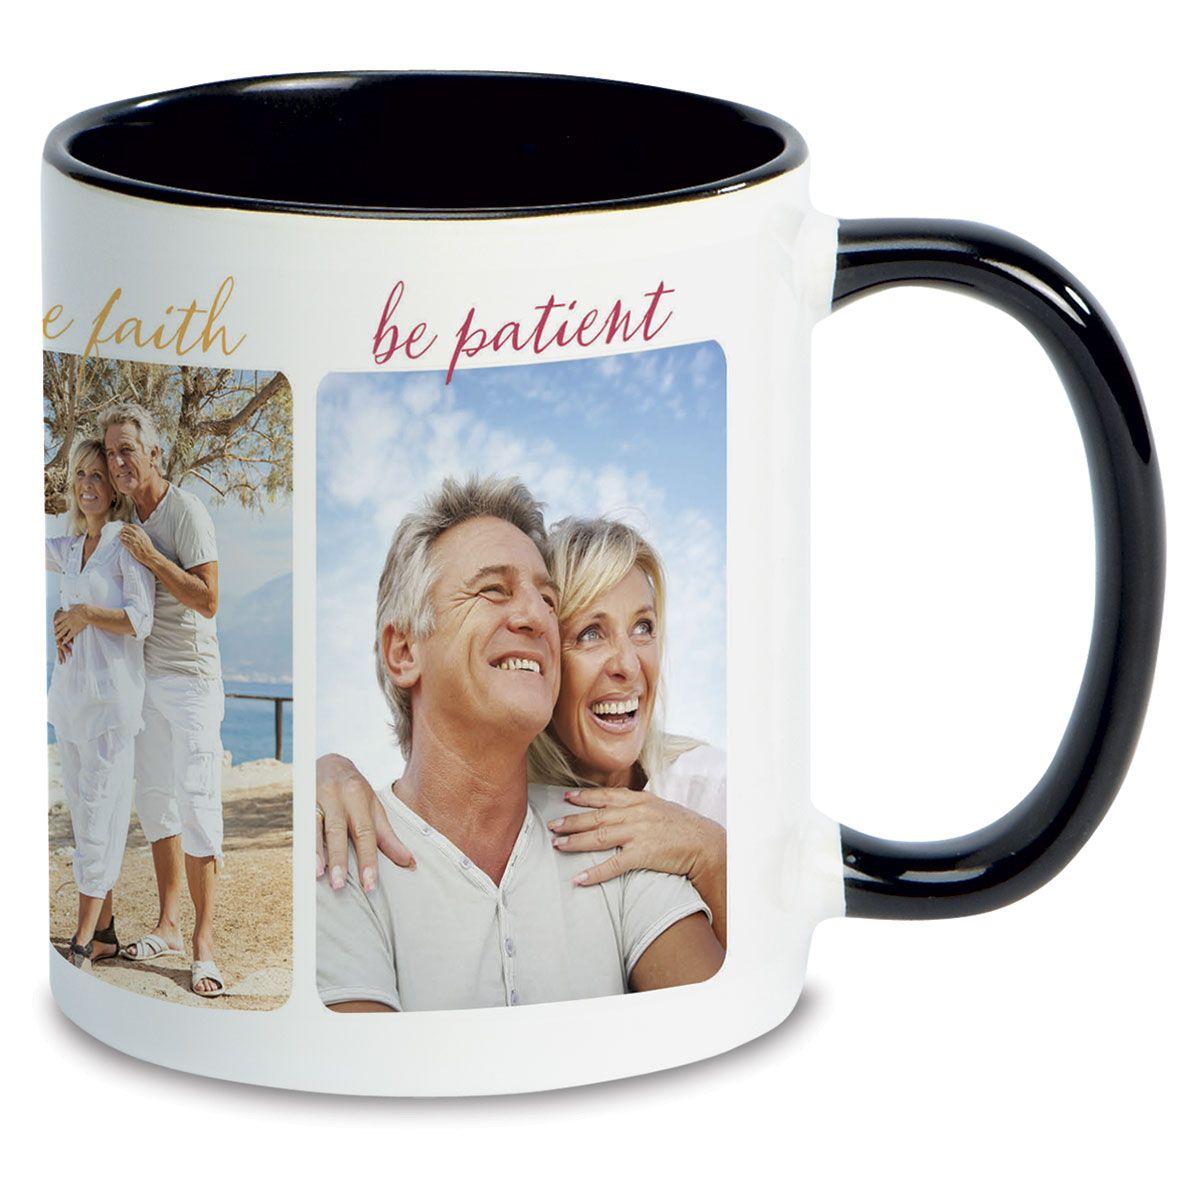 Be Brave Ceramic Photo Mug